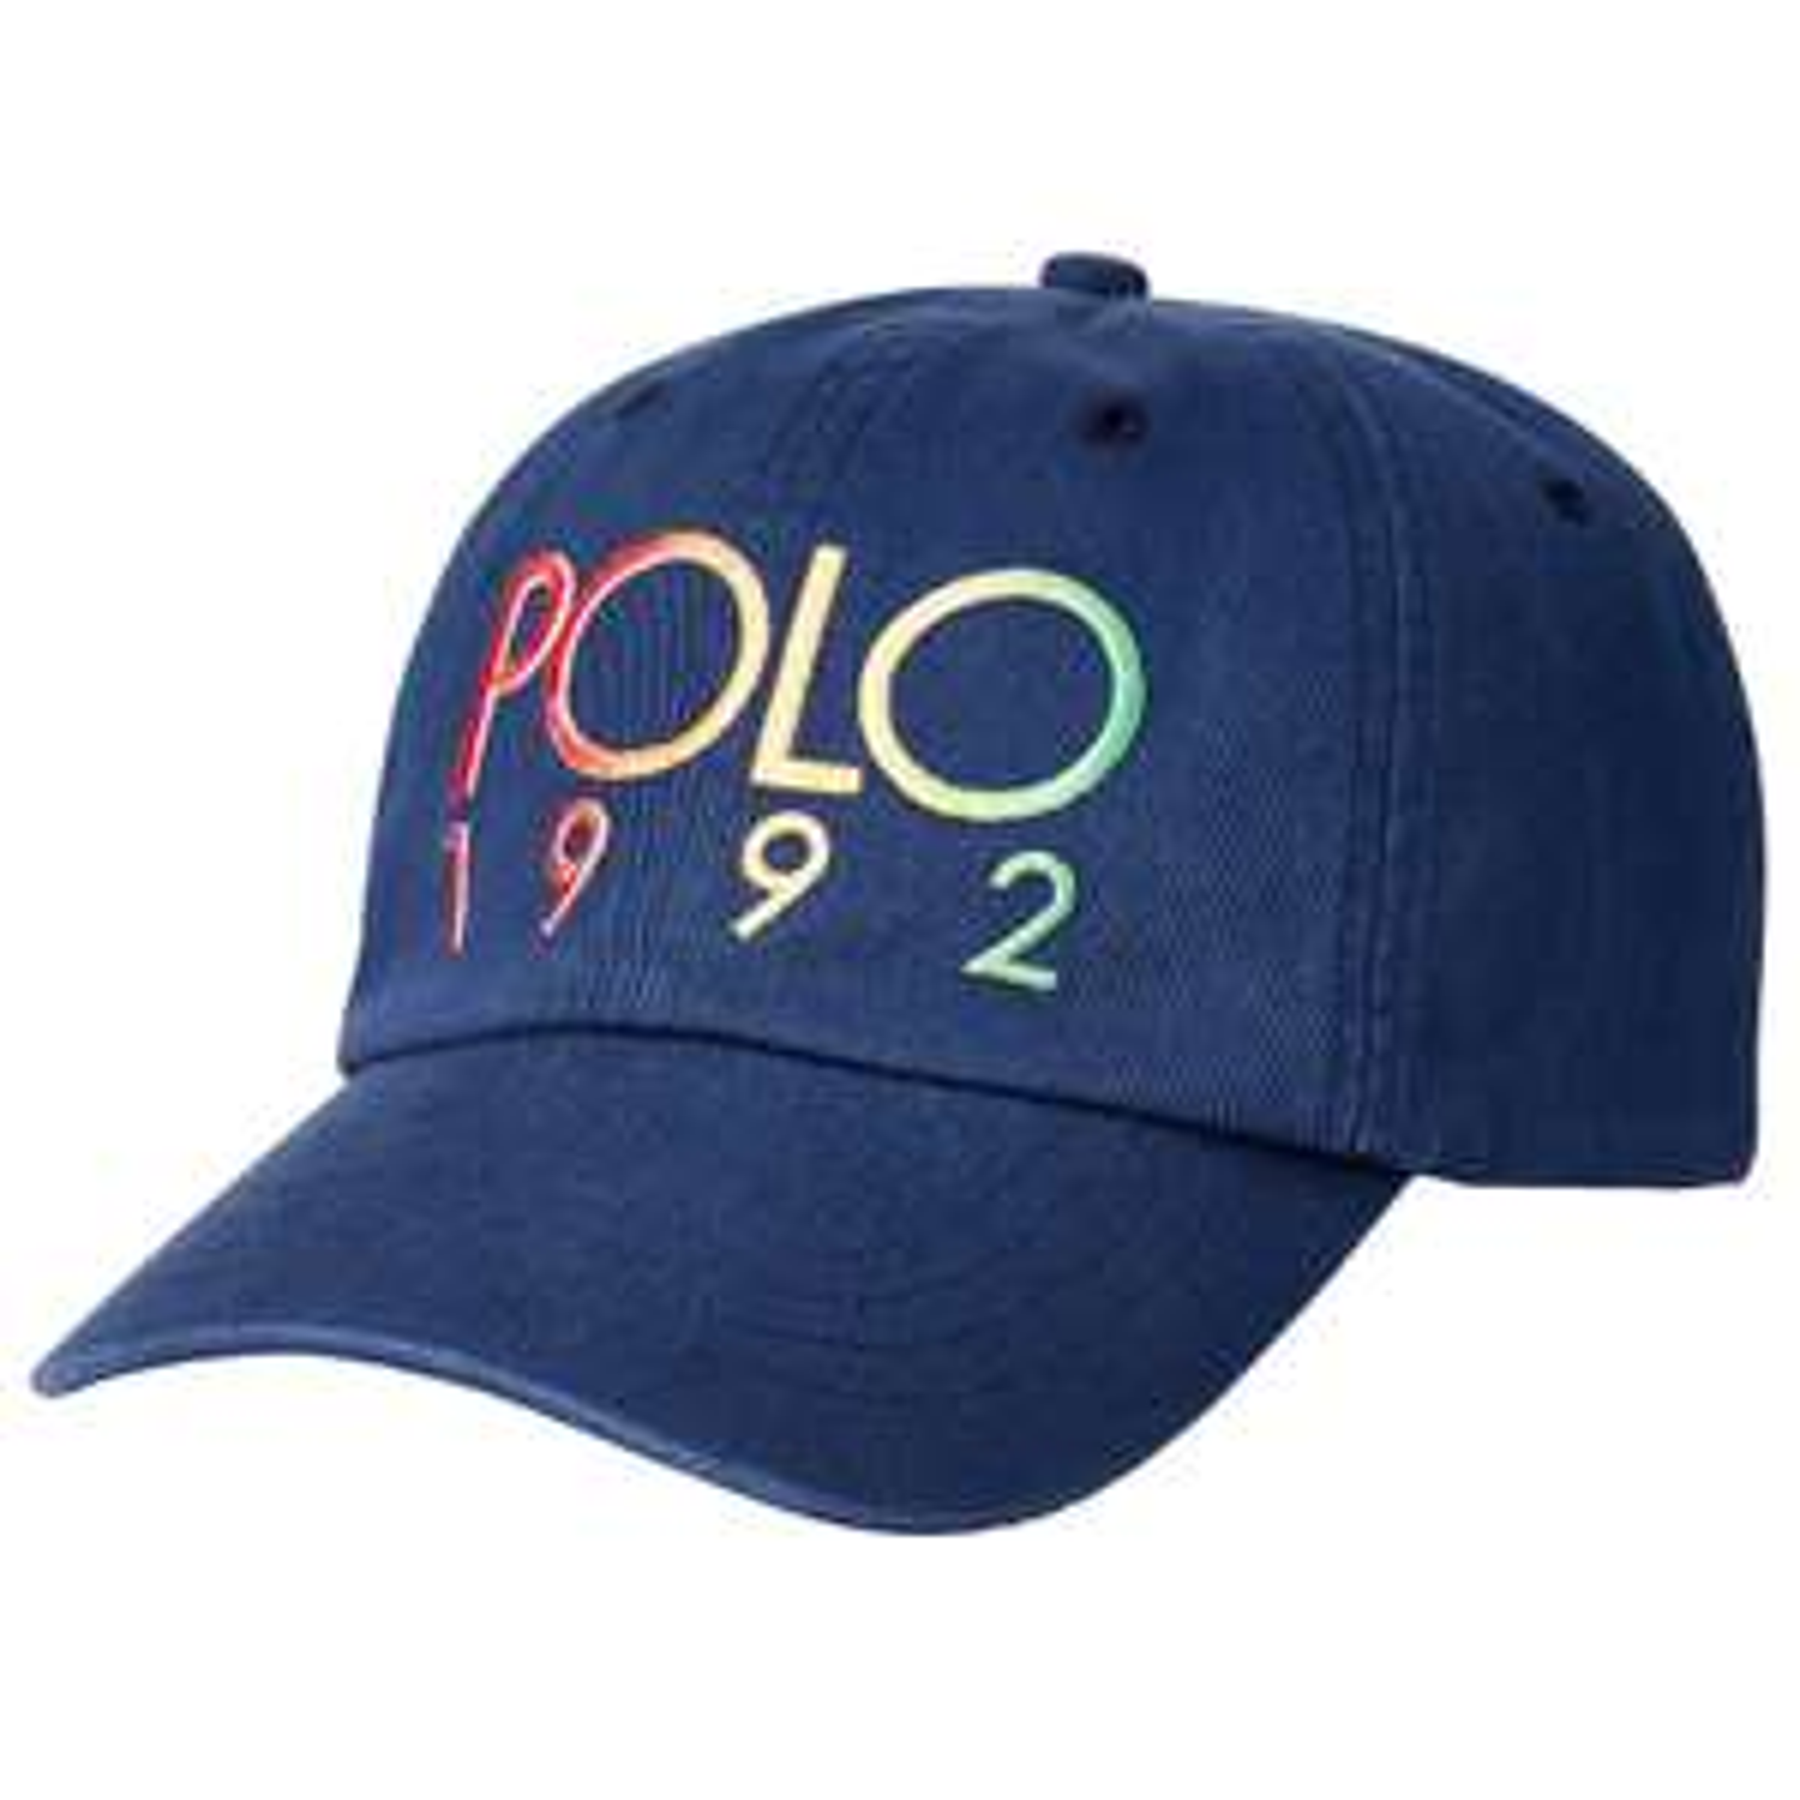 Polo Ralph Lauren Baseballcap met geborduurd logo - Marineblauw of wit